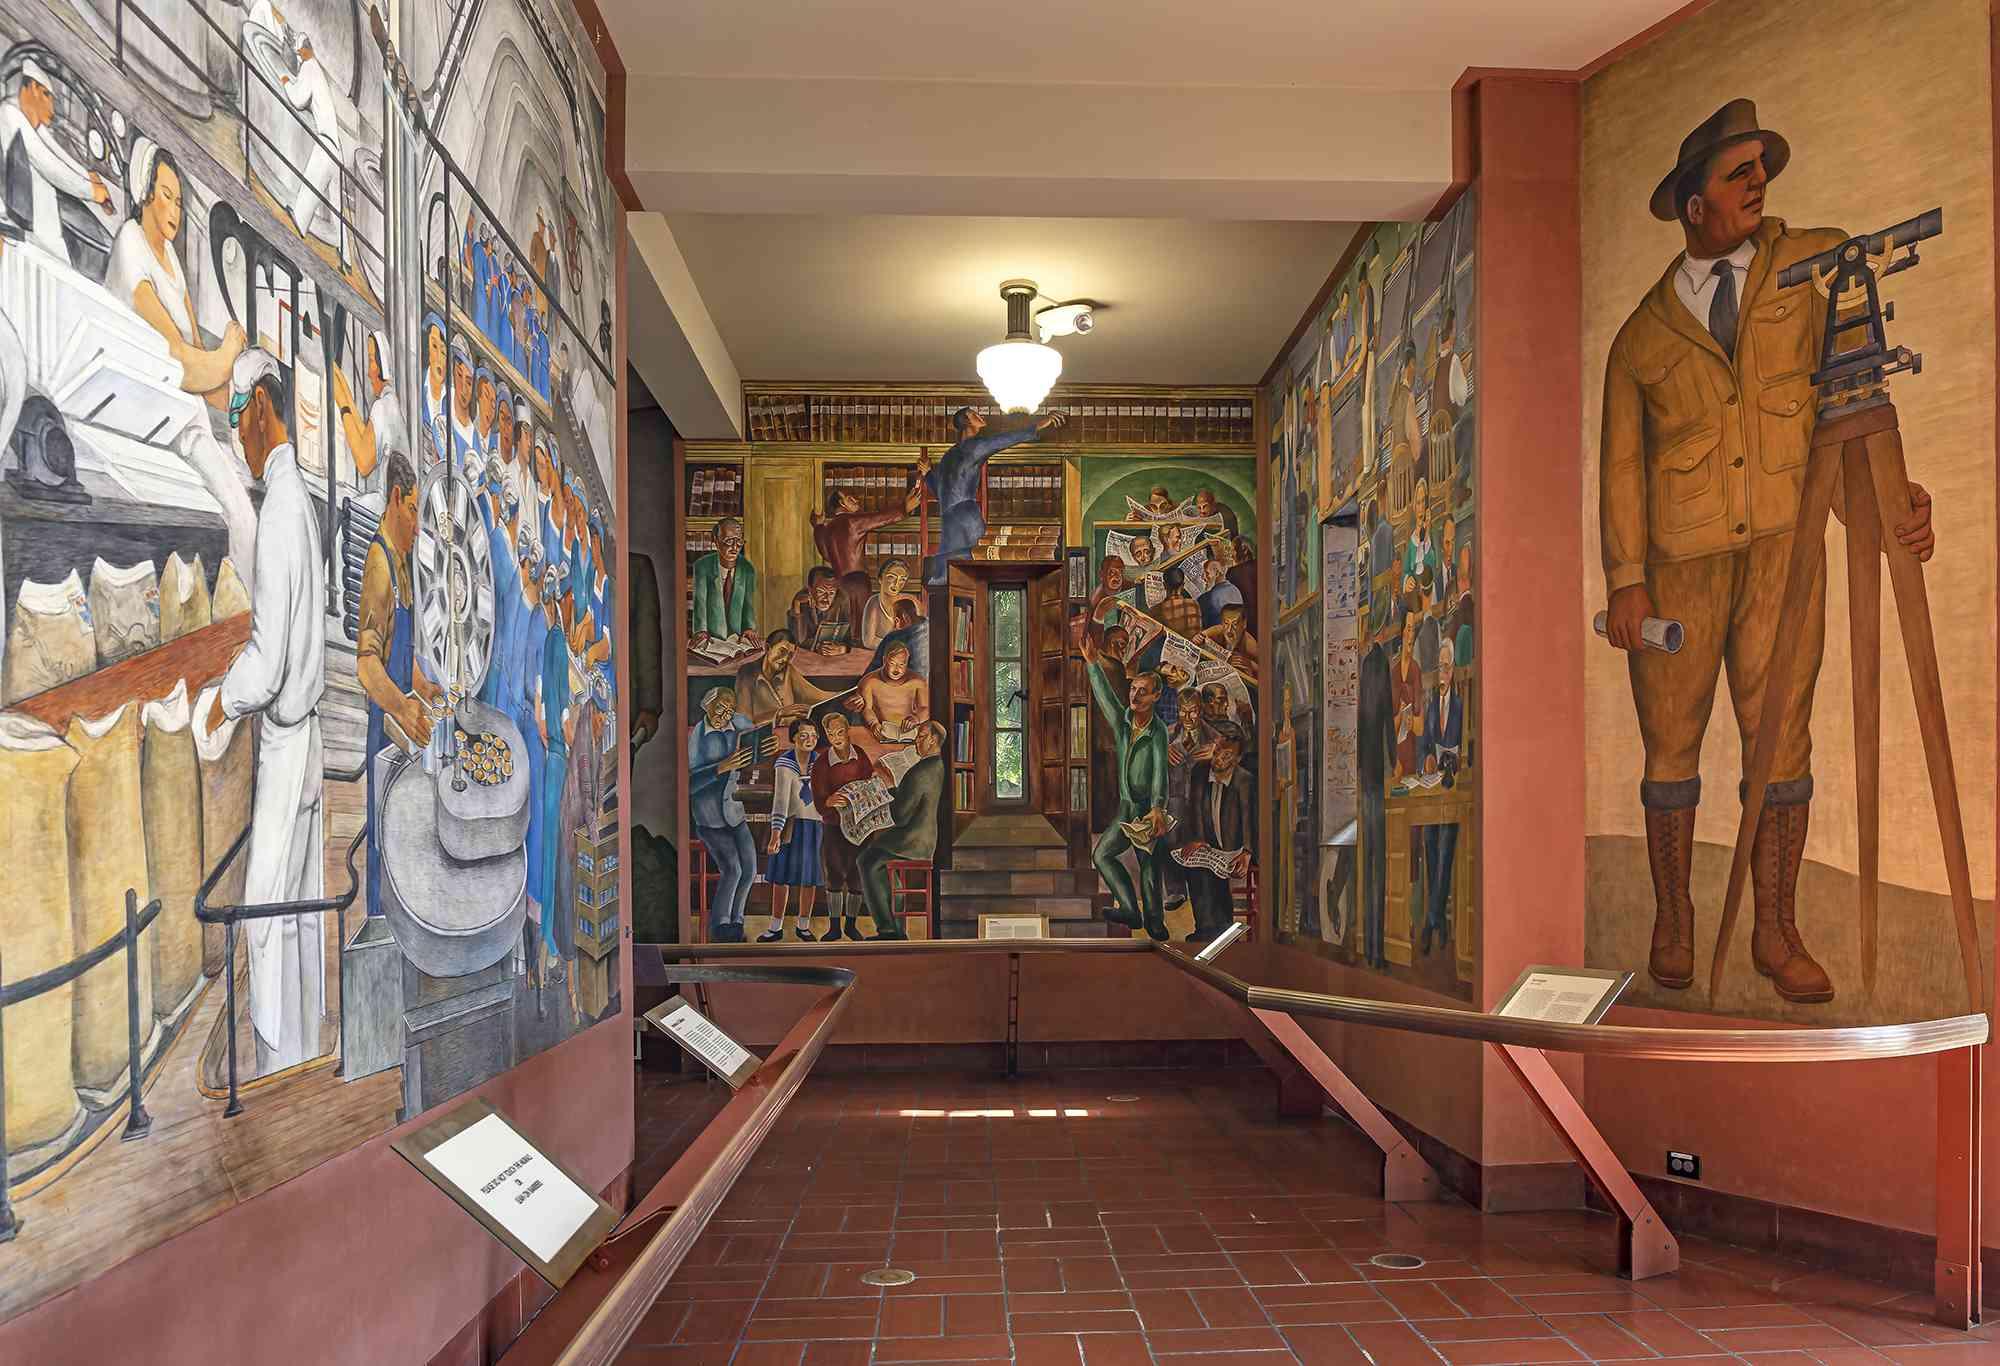 The murals inside Coit Tower